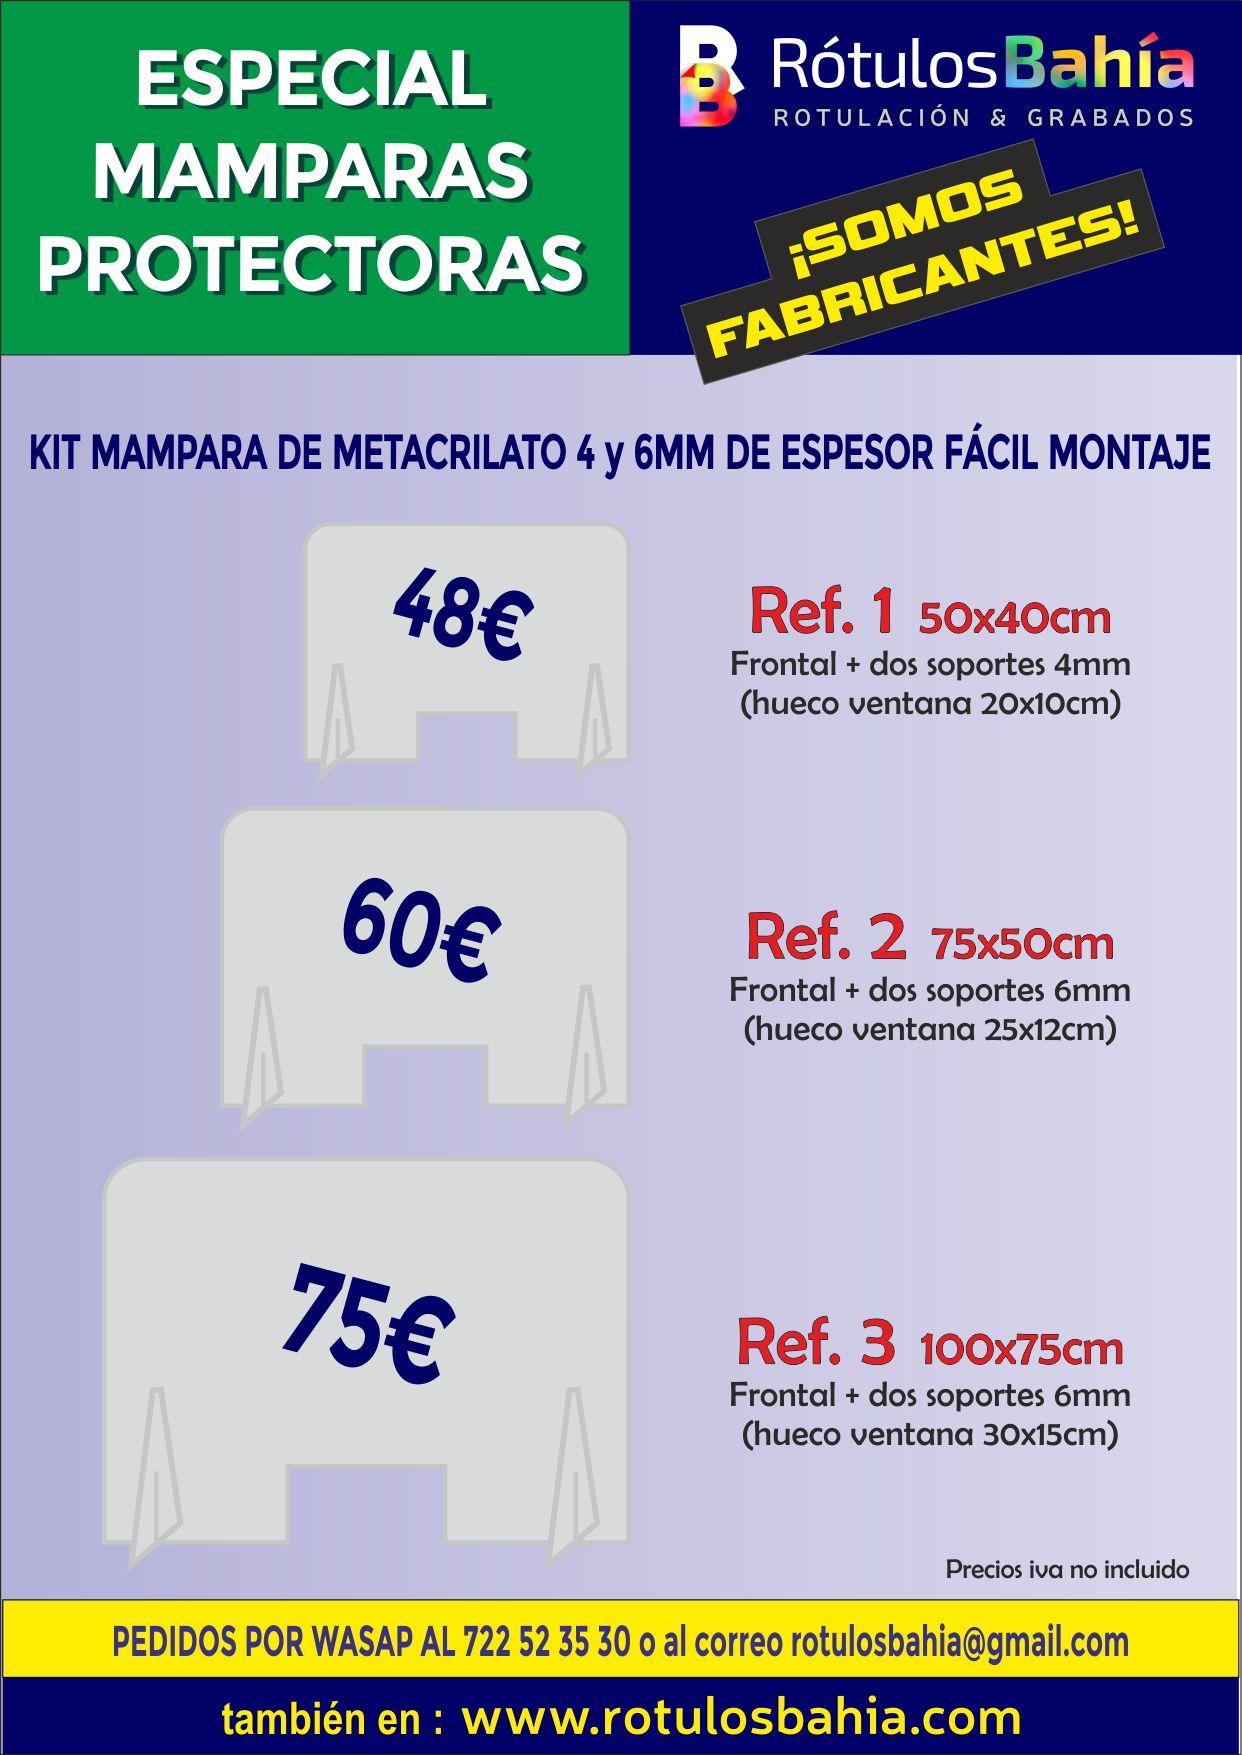 MAMPARAS CONTRA EL COVID-19